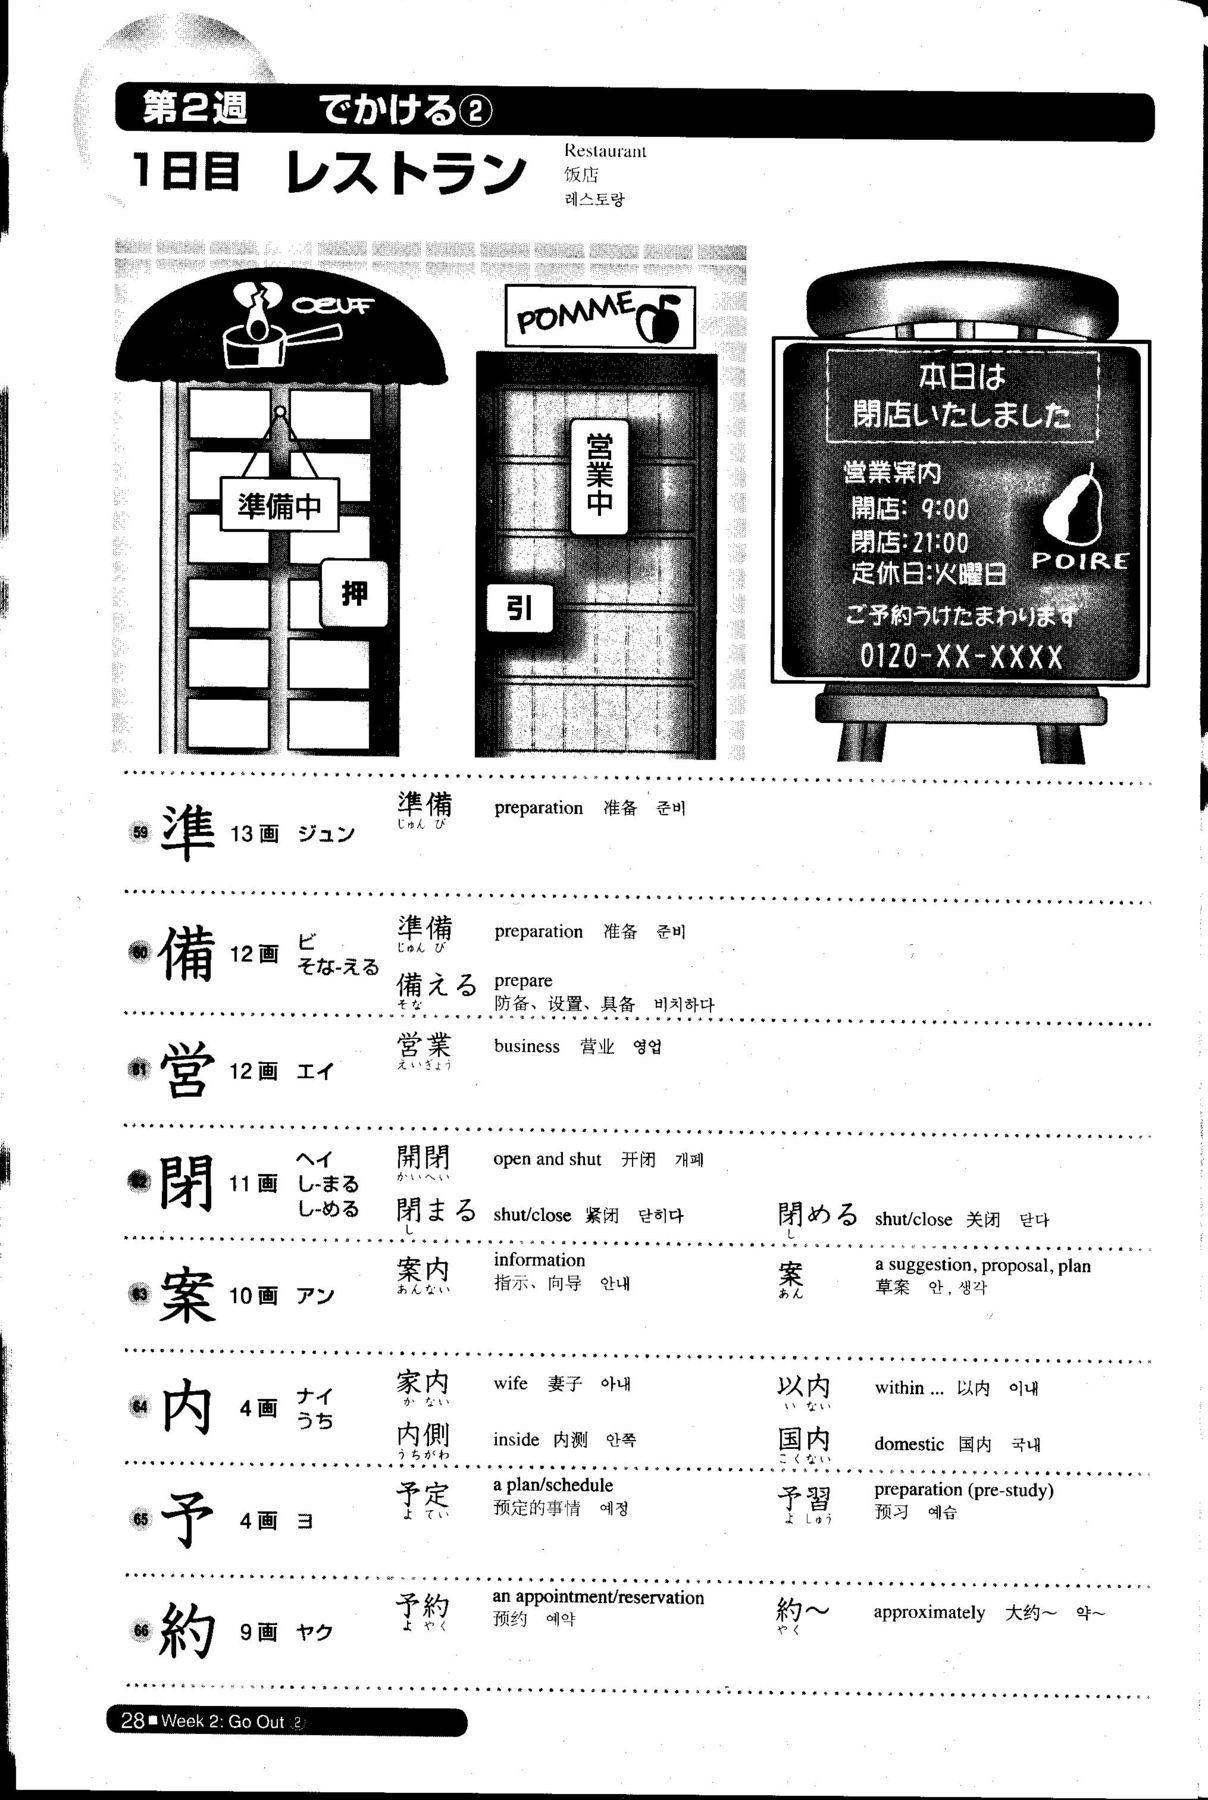 Nihongo So Matome Jlpt N3 Kanji Nihongo Japanese Language Learn Japanese